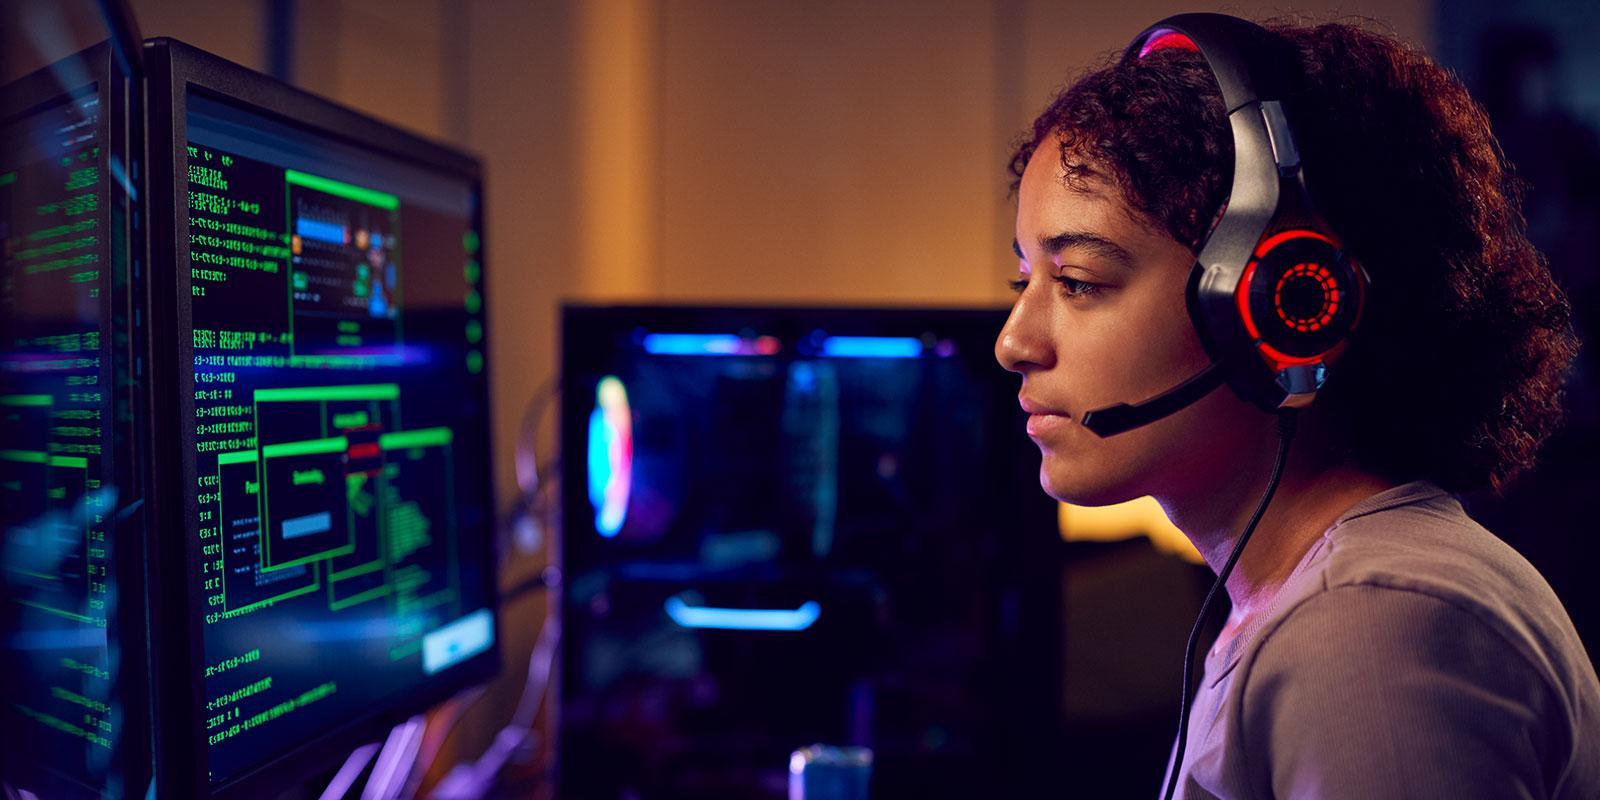 Femme avec casque assis sur deux moniteurs d'ordinateur et en tapant sur le clavier, des moniteurs supplémentaires en arrière-plan